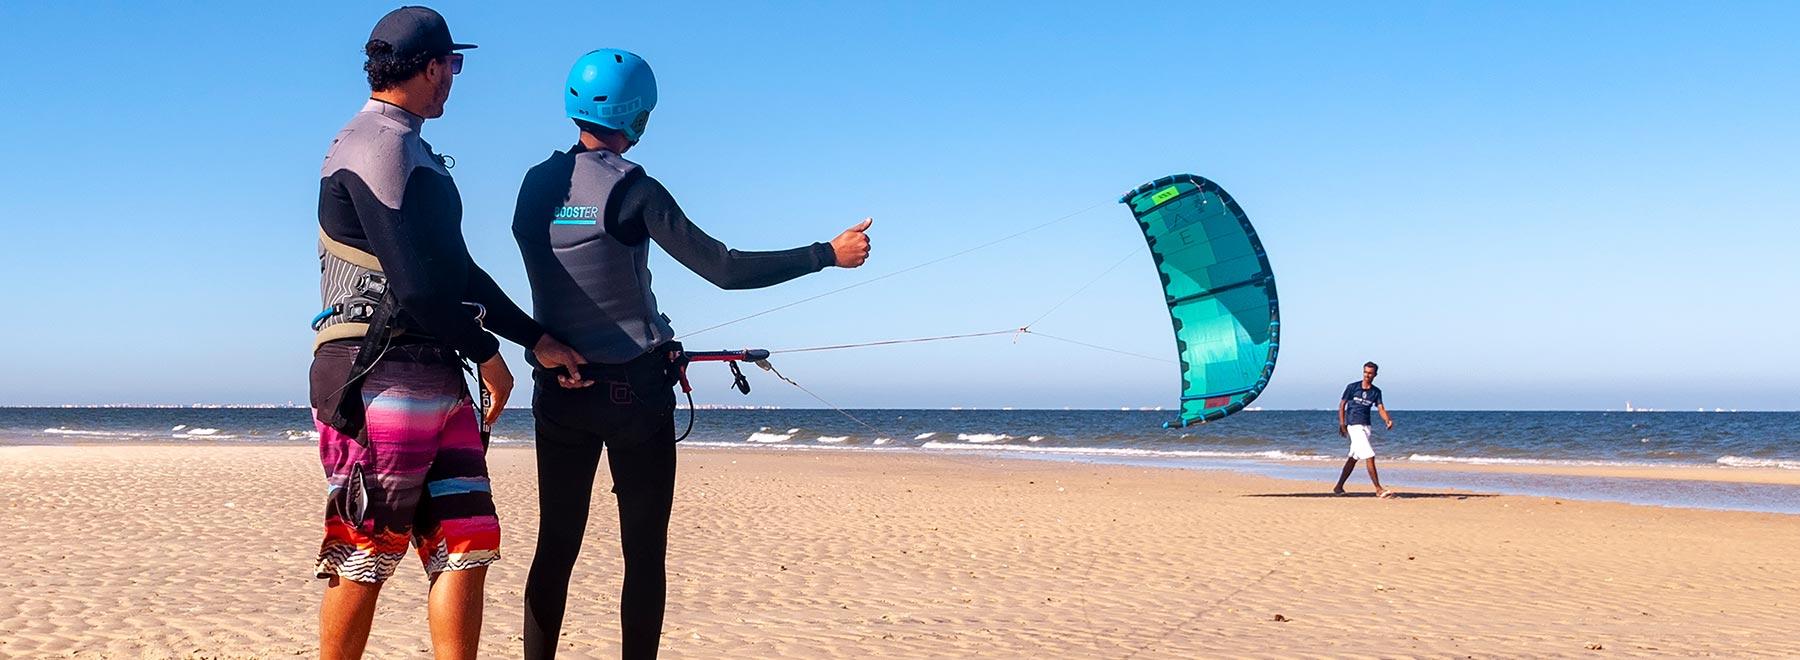 Kitesurfen lernen Dakhla, Marokko